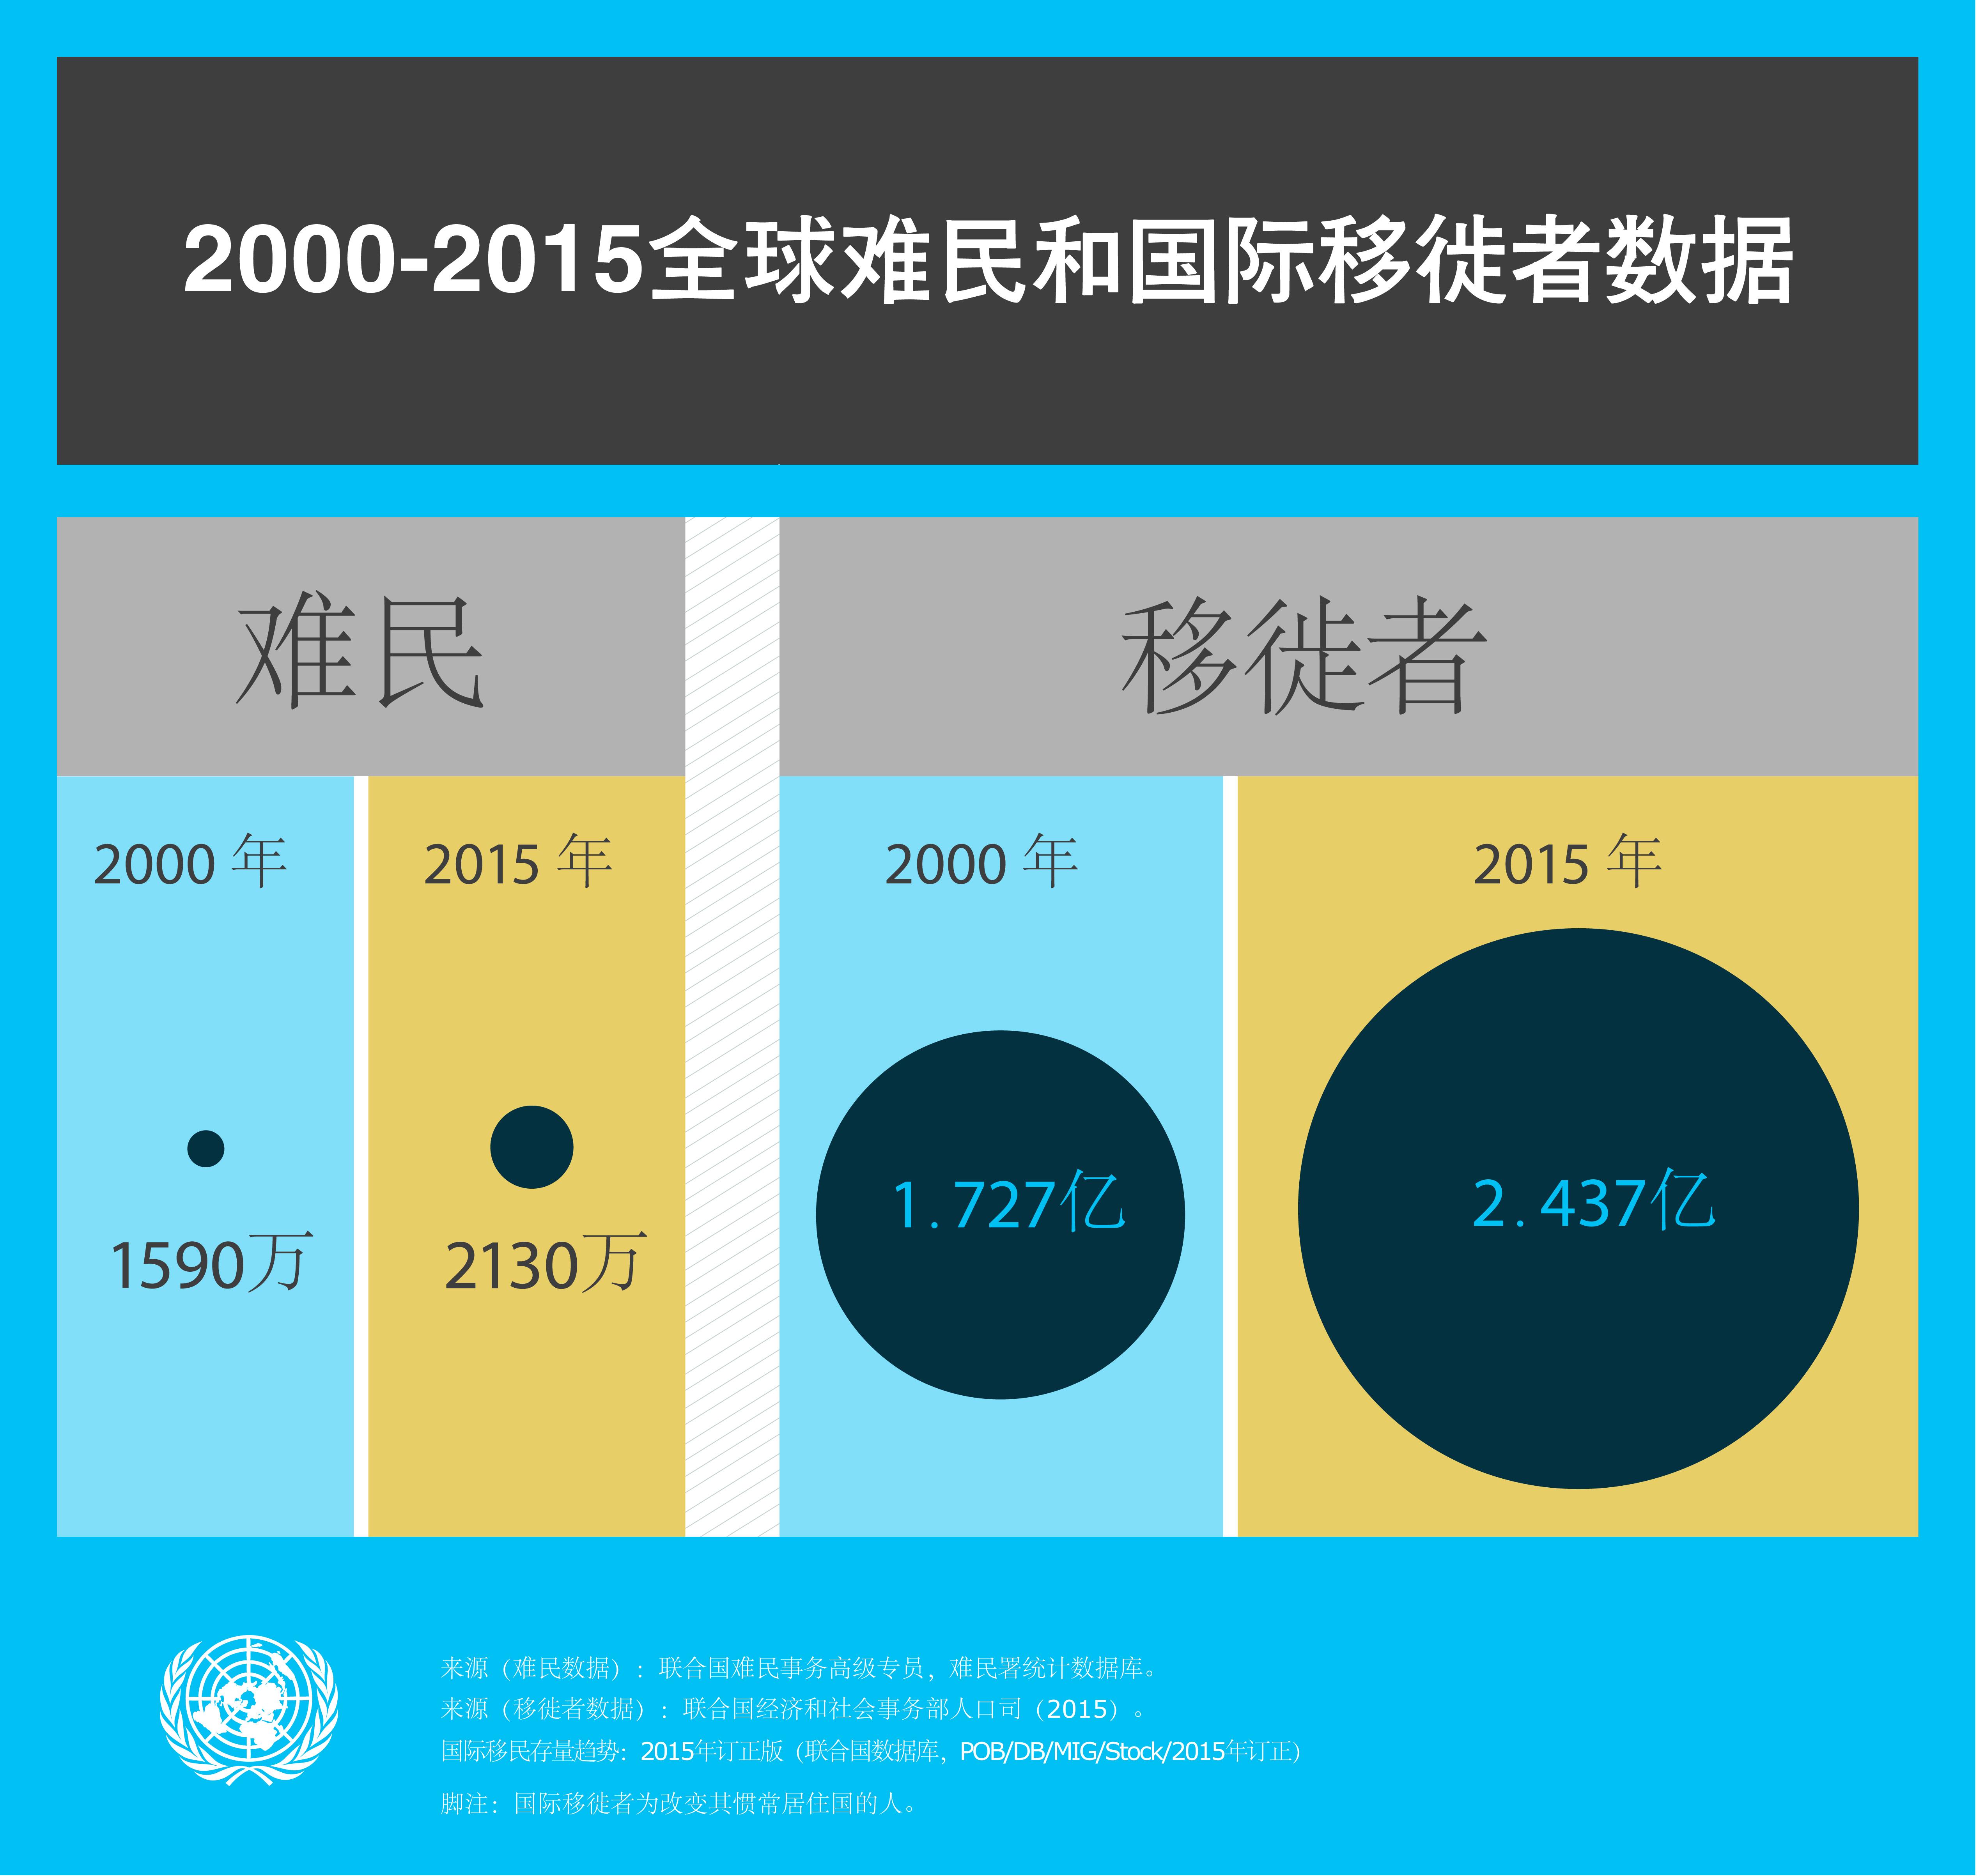 2000-2015年全球难民和国际移民的数据